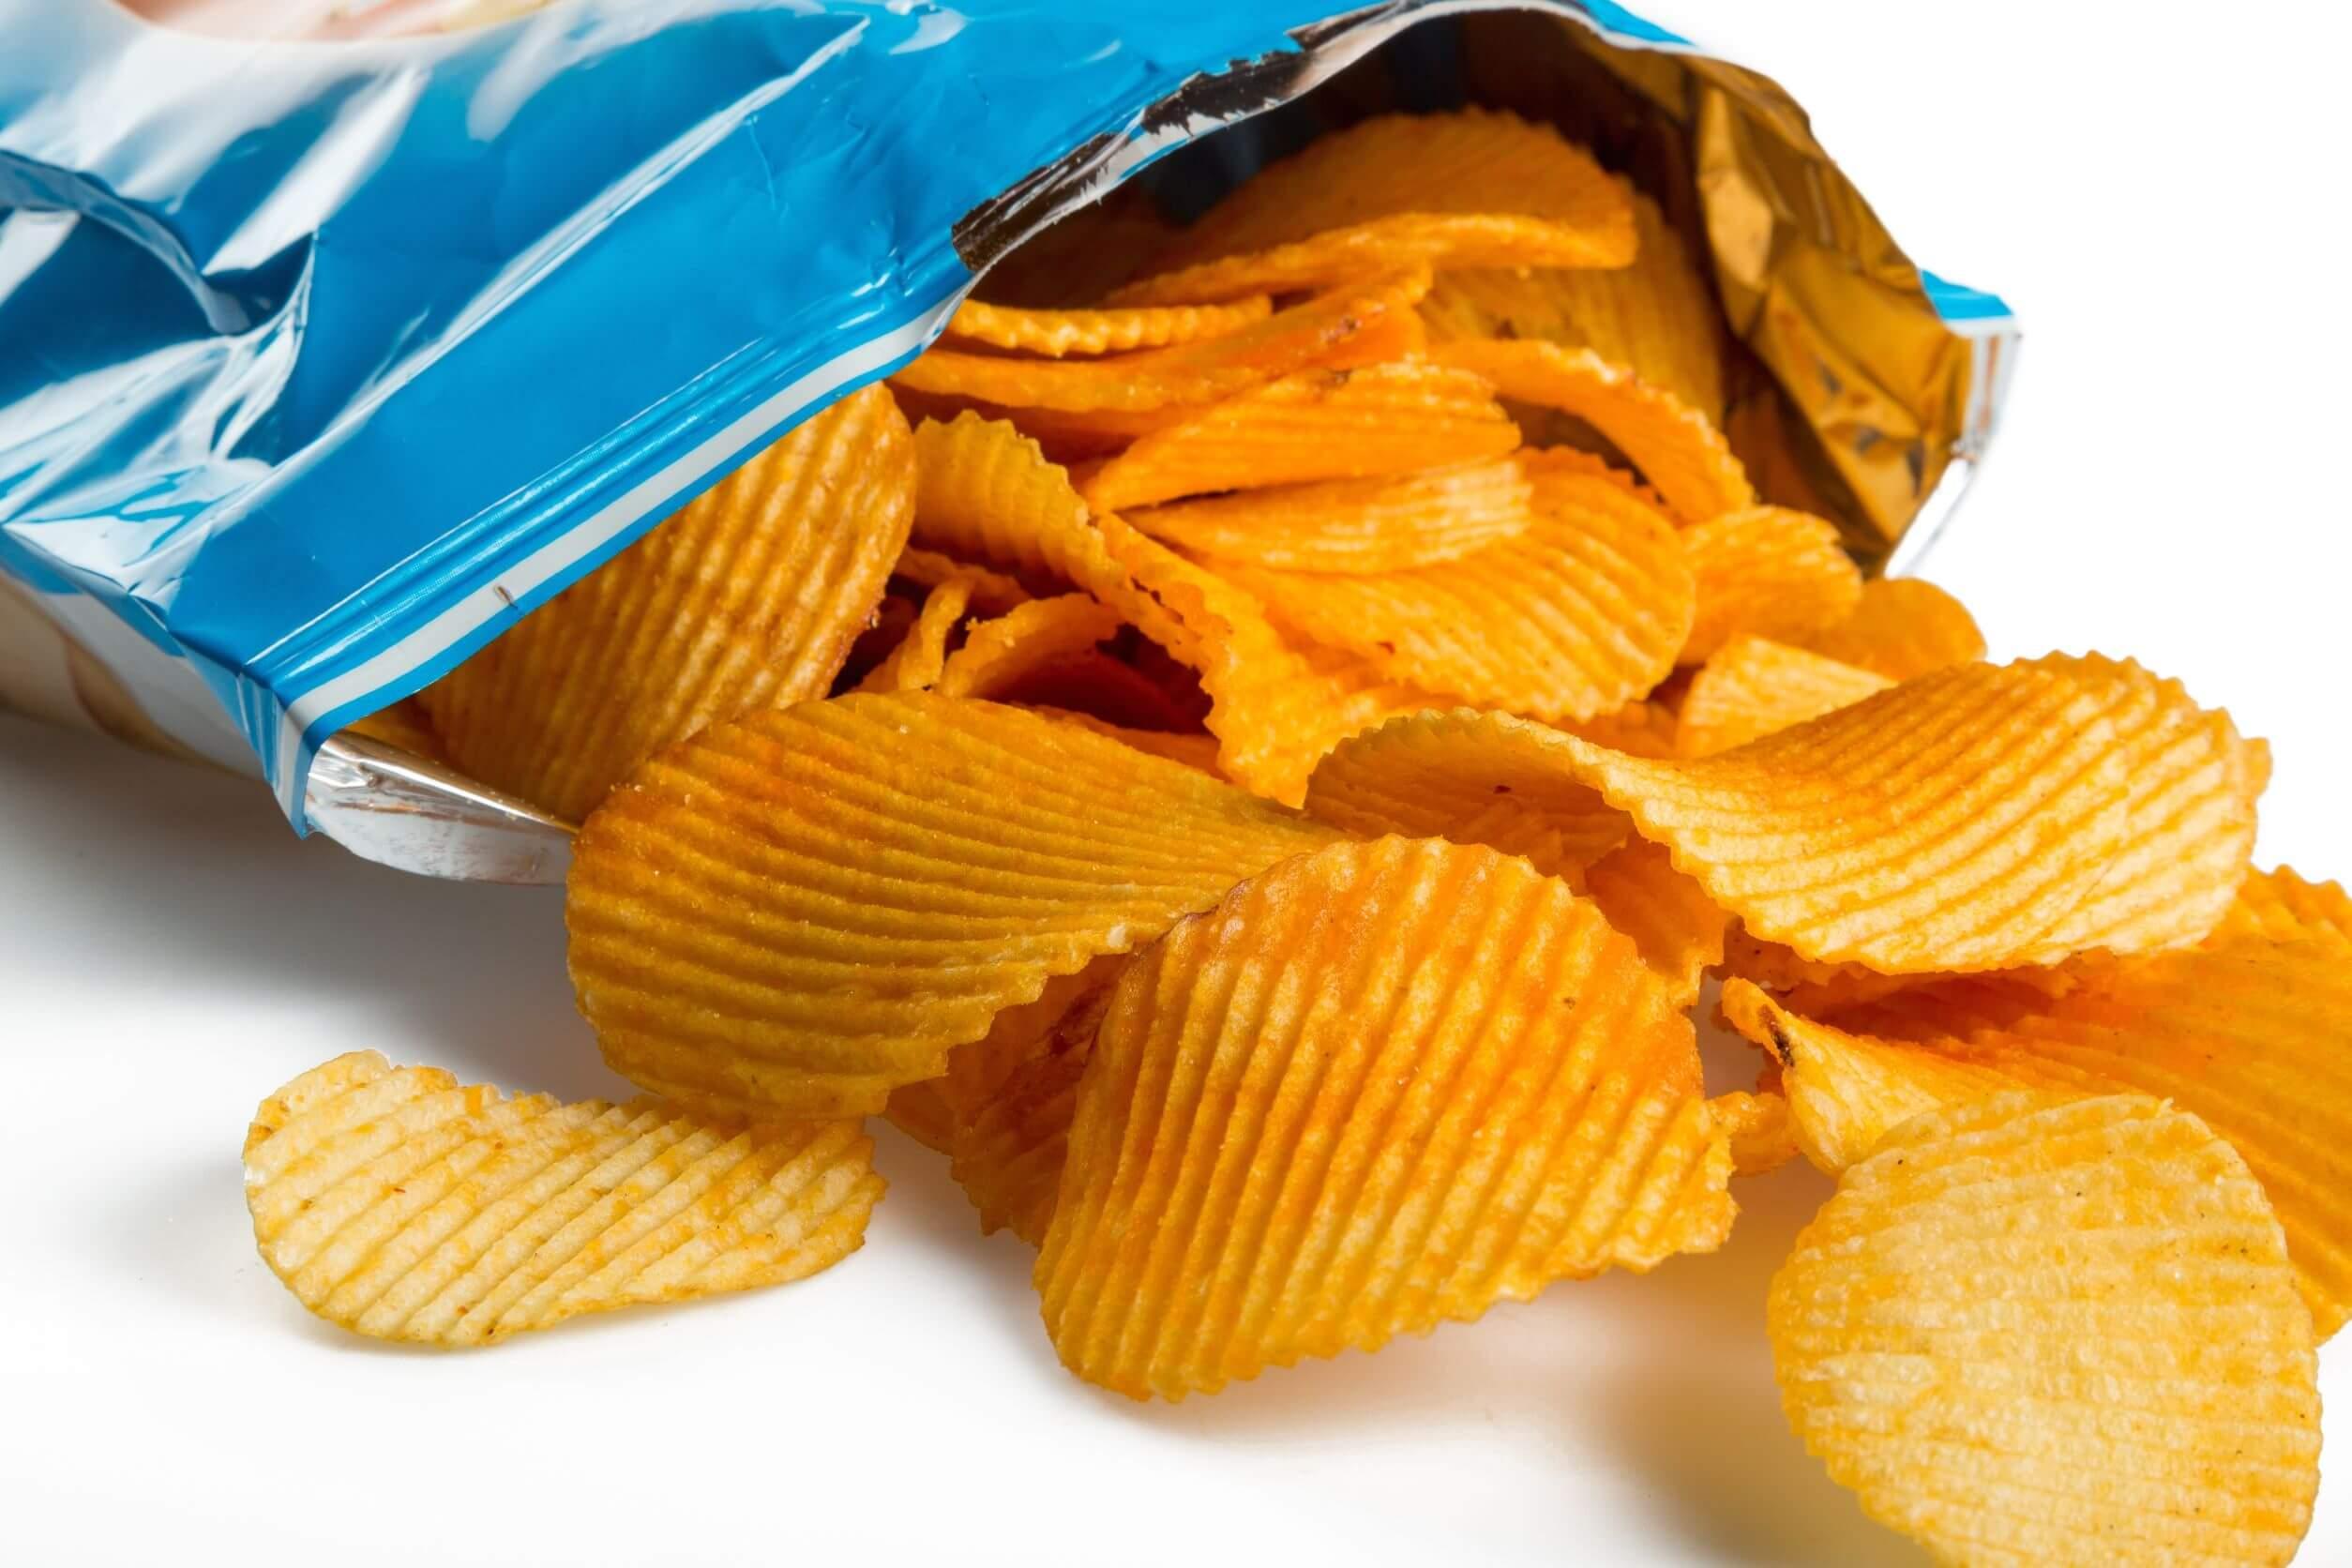 Los refrescos sin azúcar suelen acompañarse de comida chatarra.